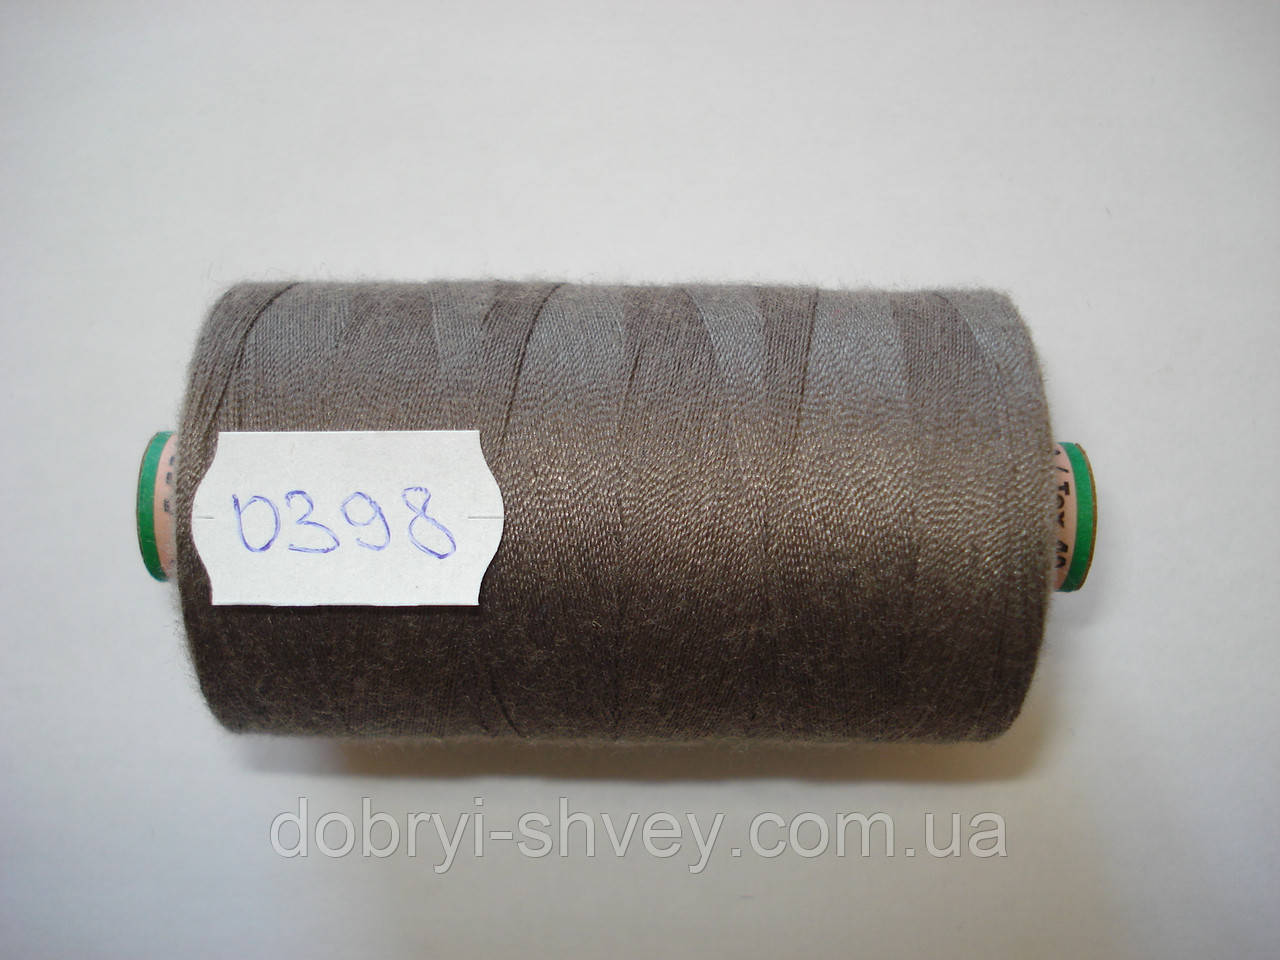 Нитка AMANN Saba c №80 1000м.col 0398 бежево-серый (шт.)